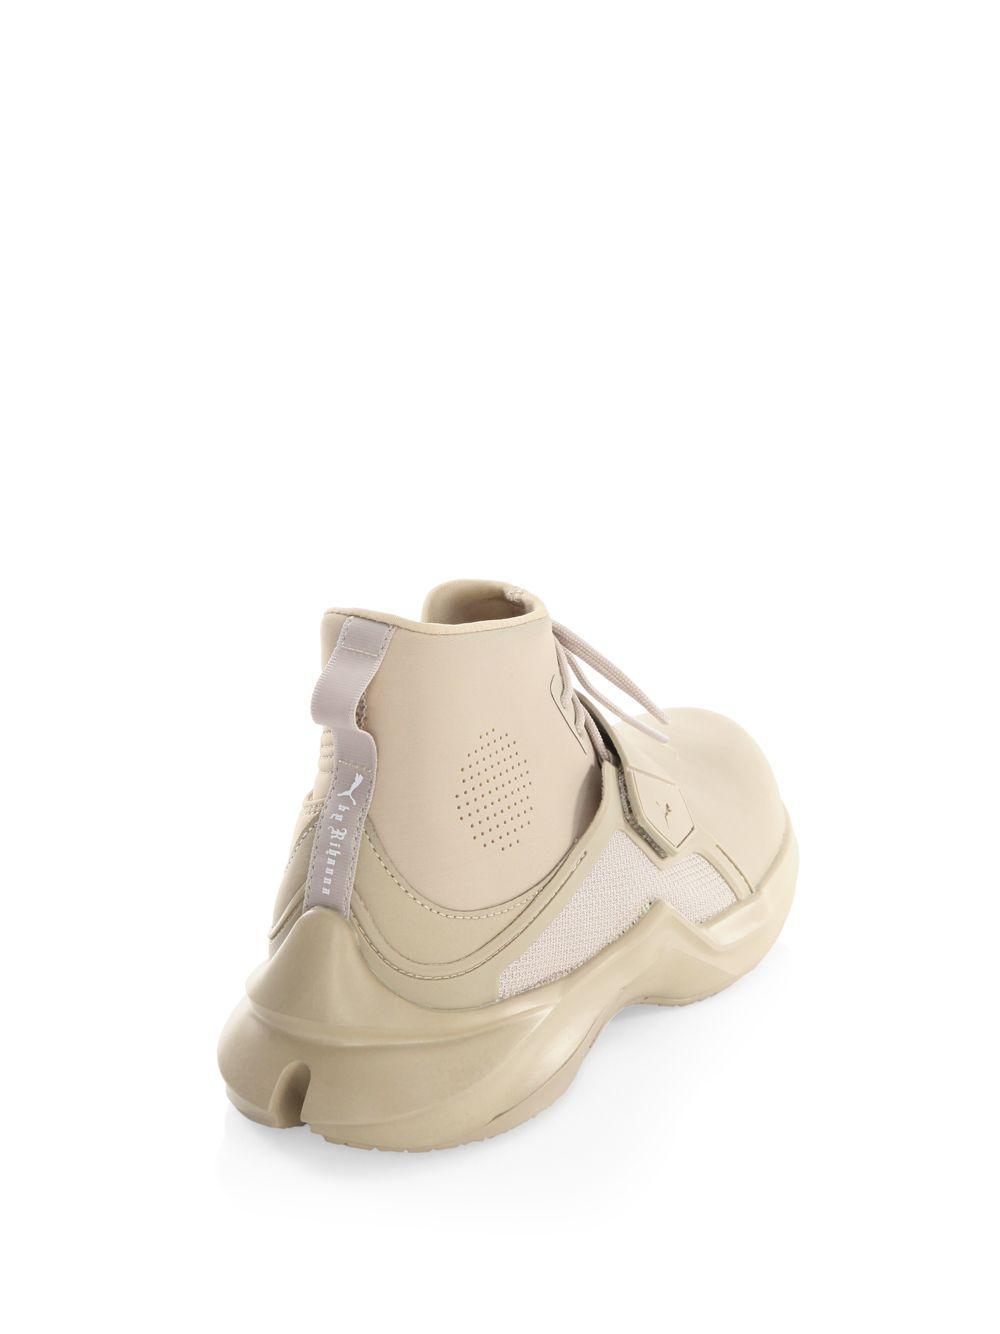 c89110e9bf7ca6 PUMA - Natural Fenty By Rihanna Hi-top Trainer Sneakers - Lyst. View  fullscreen